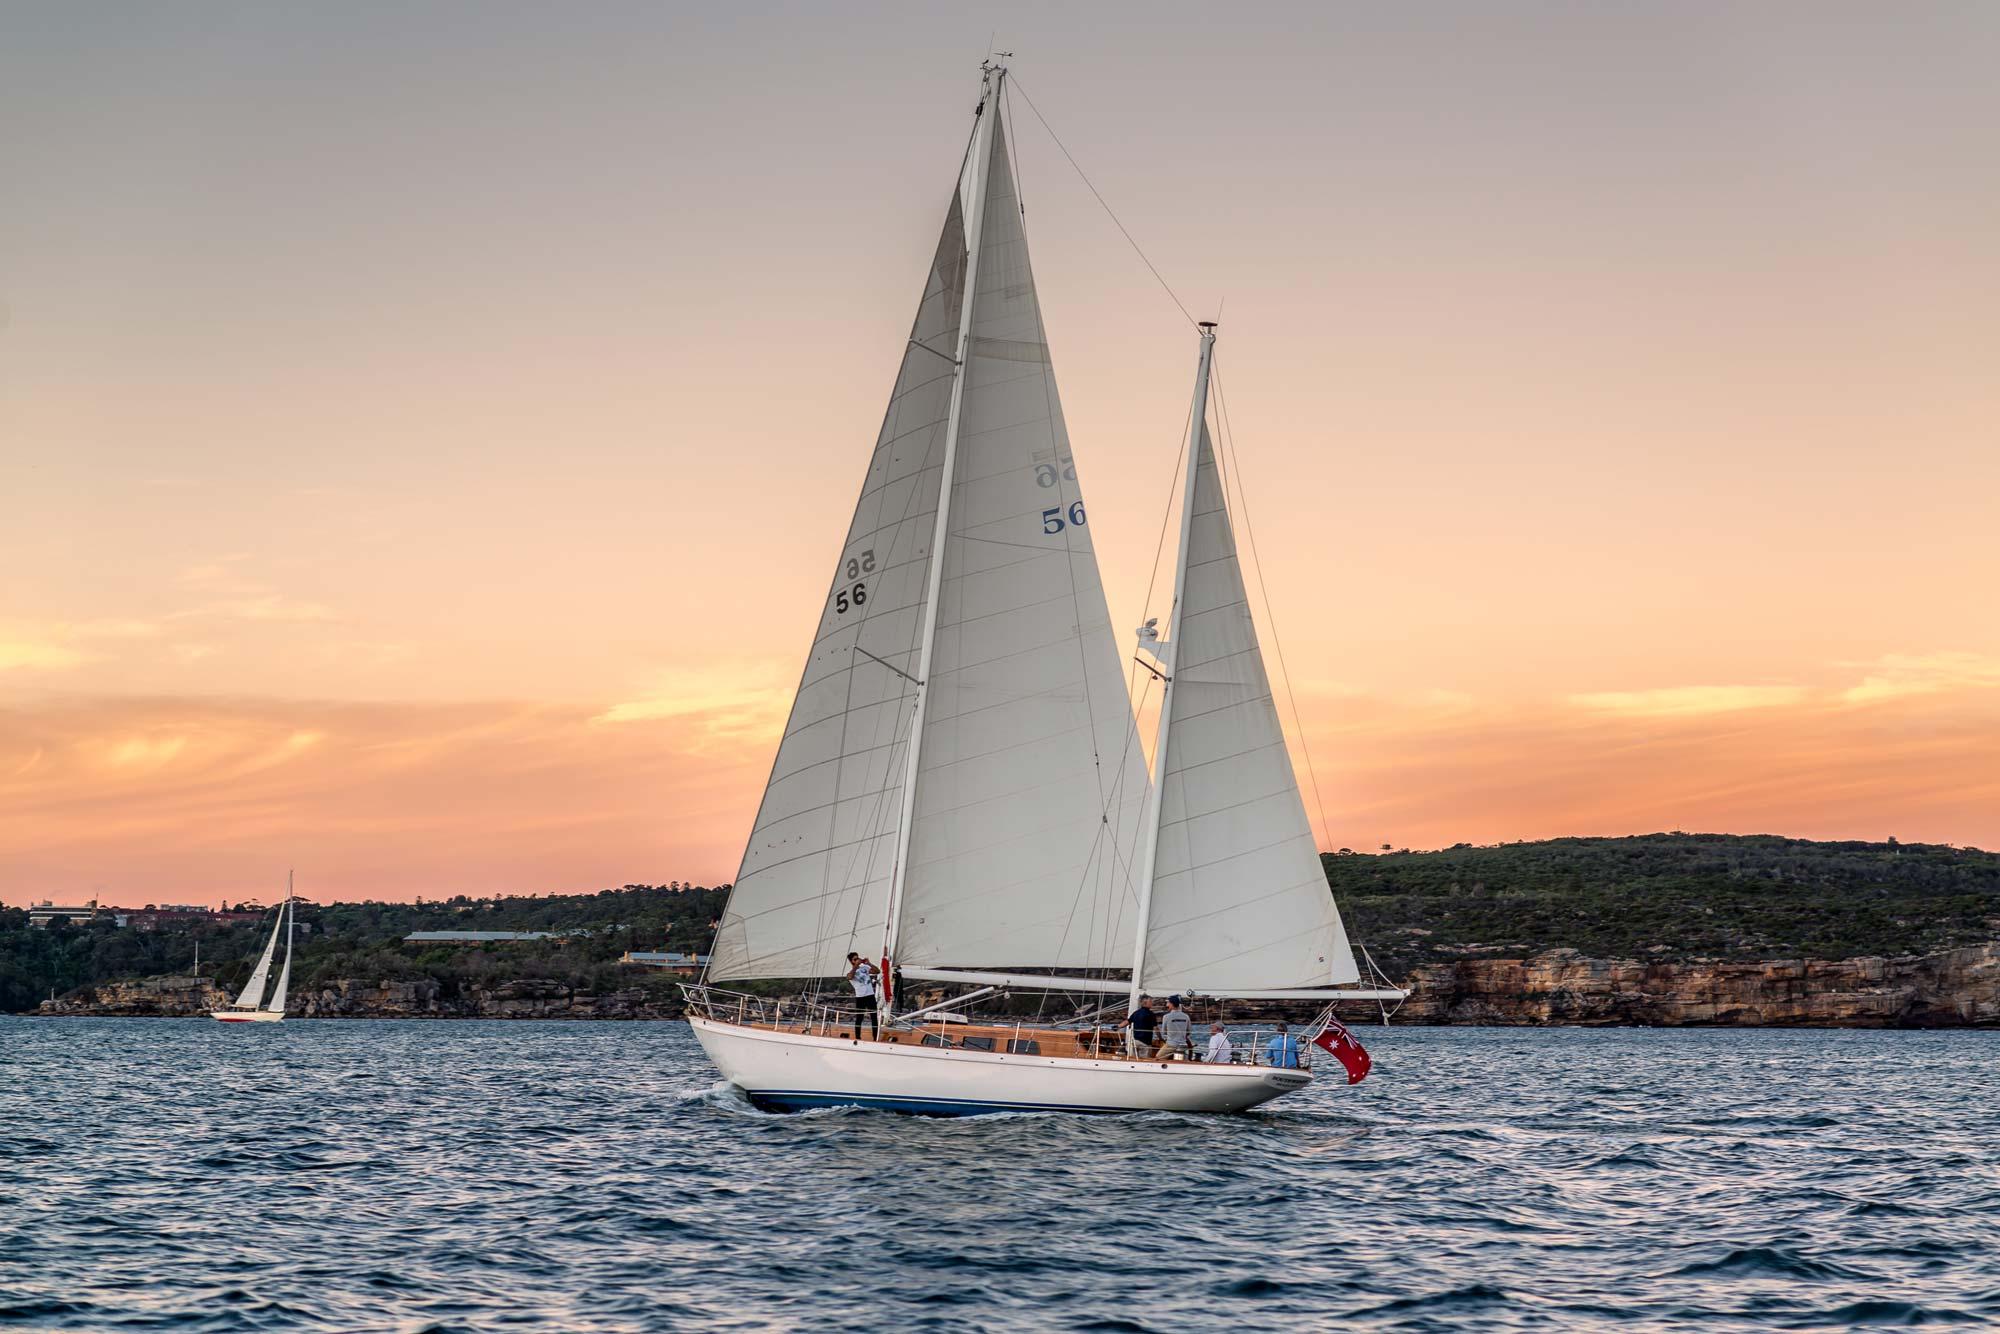 sunset cruise sydney